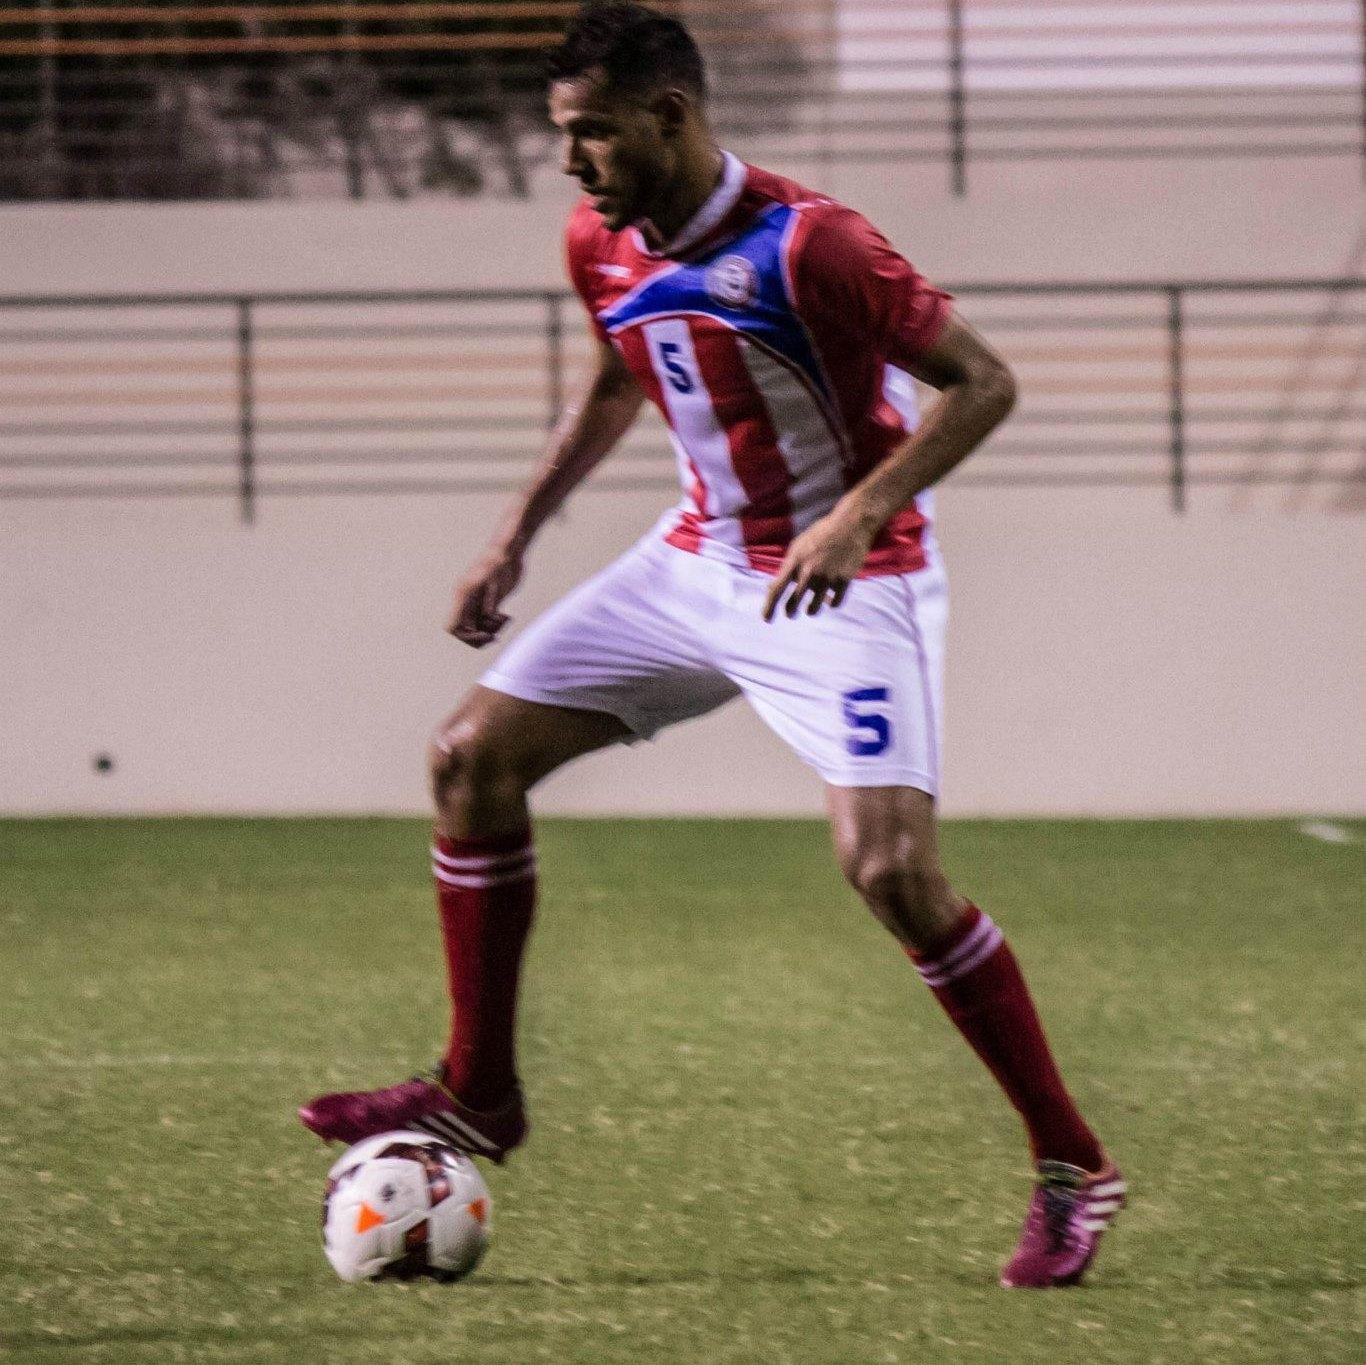 Emmanuel D'Andrea